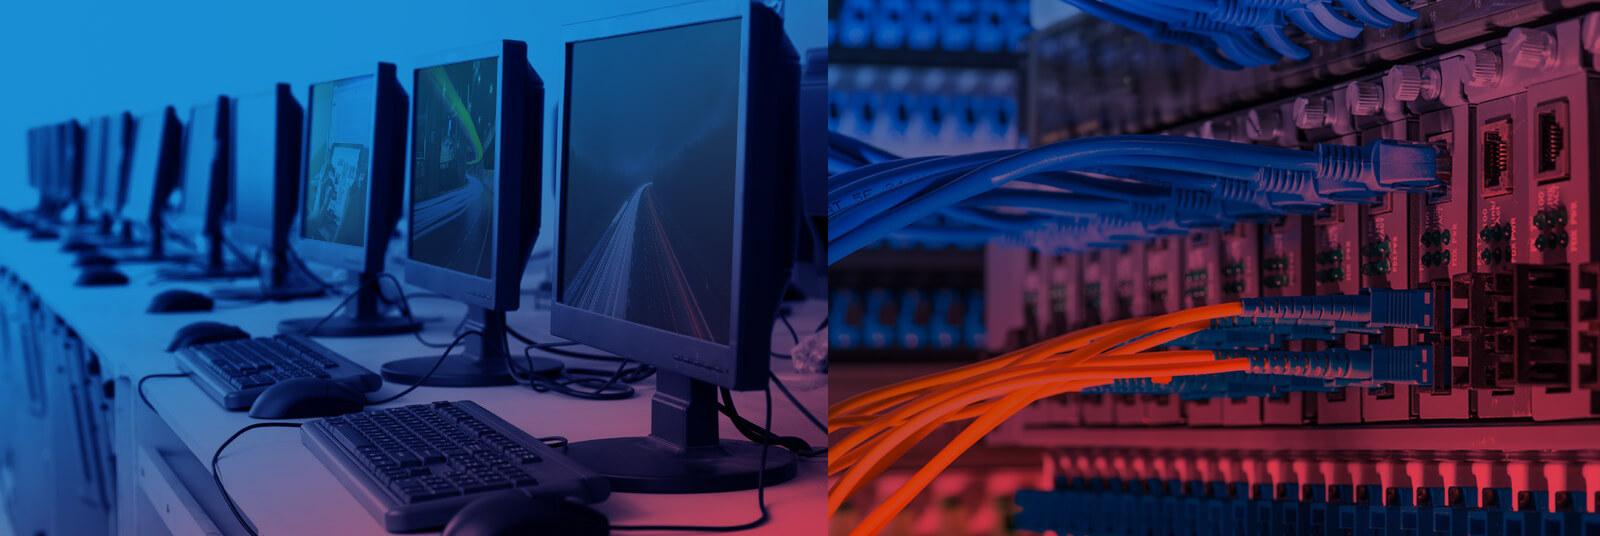 WAN Network System – CircleNet Auckland NZ